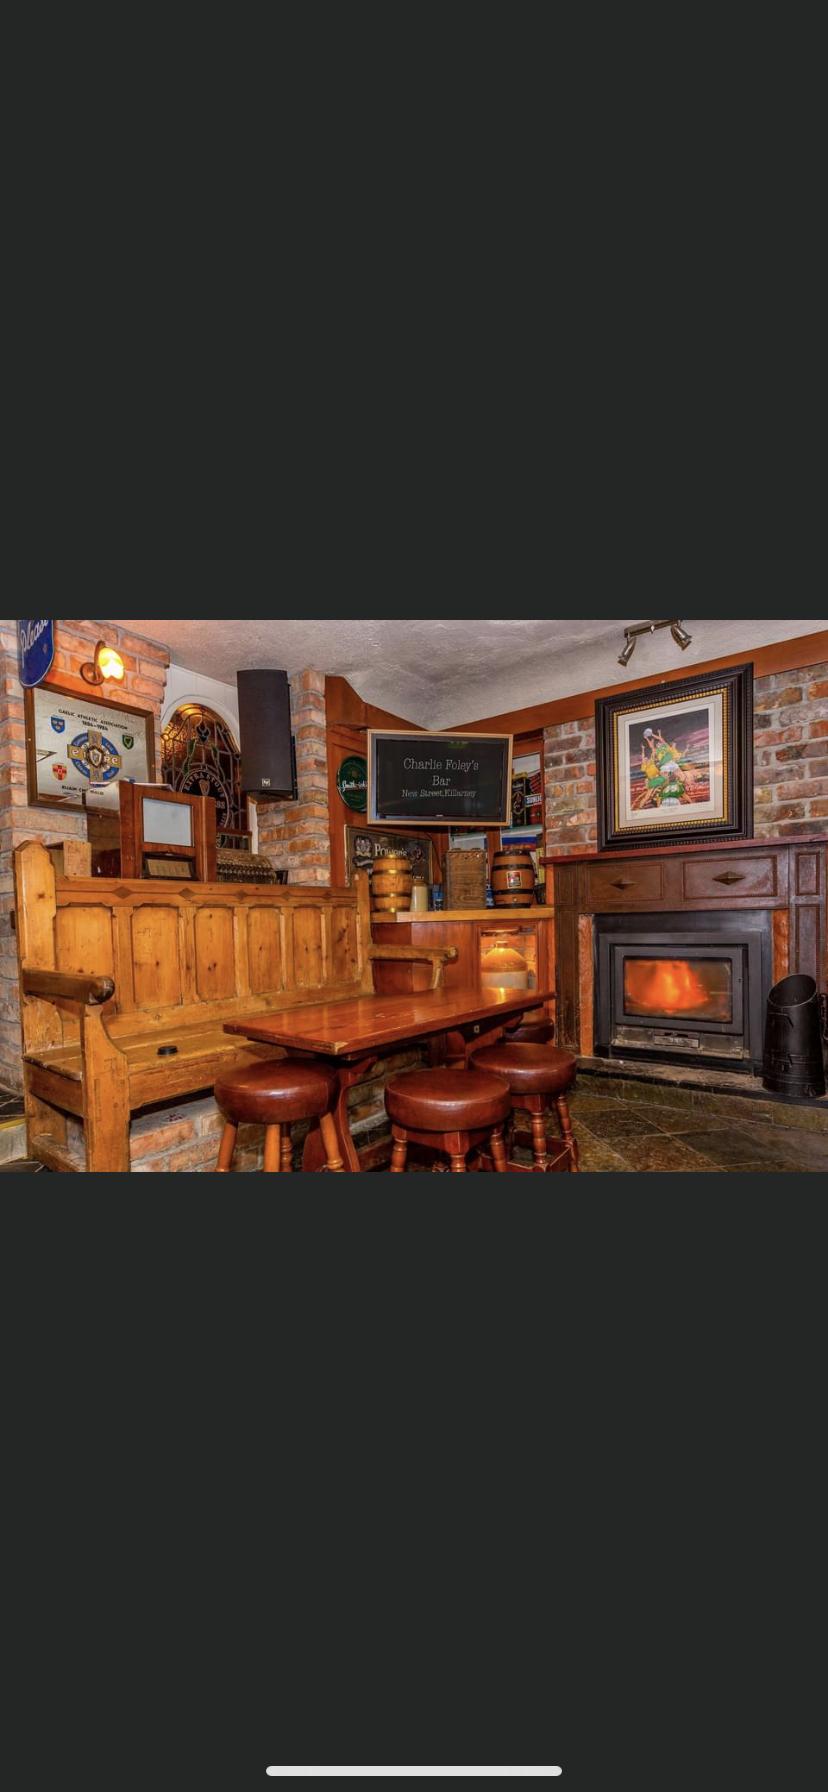 Charlie Foley's Bar